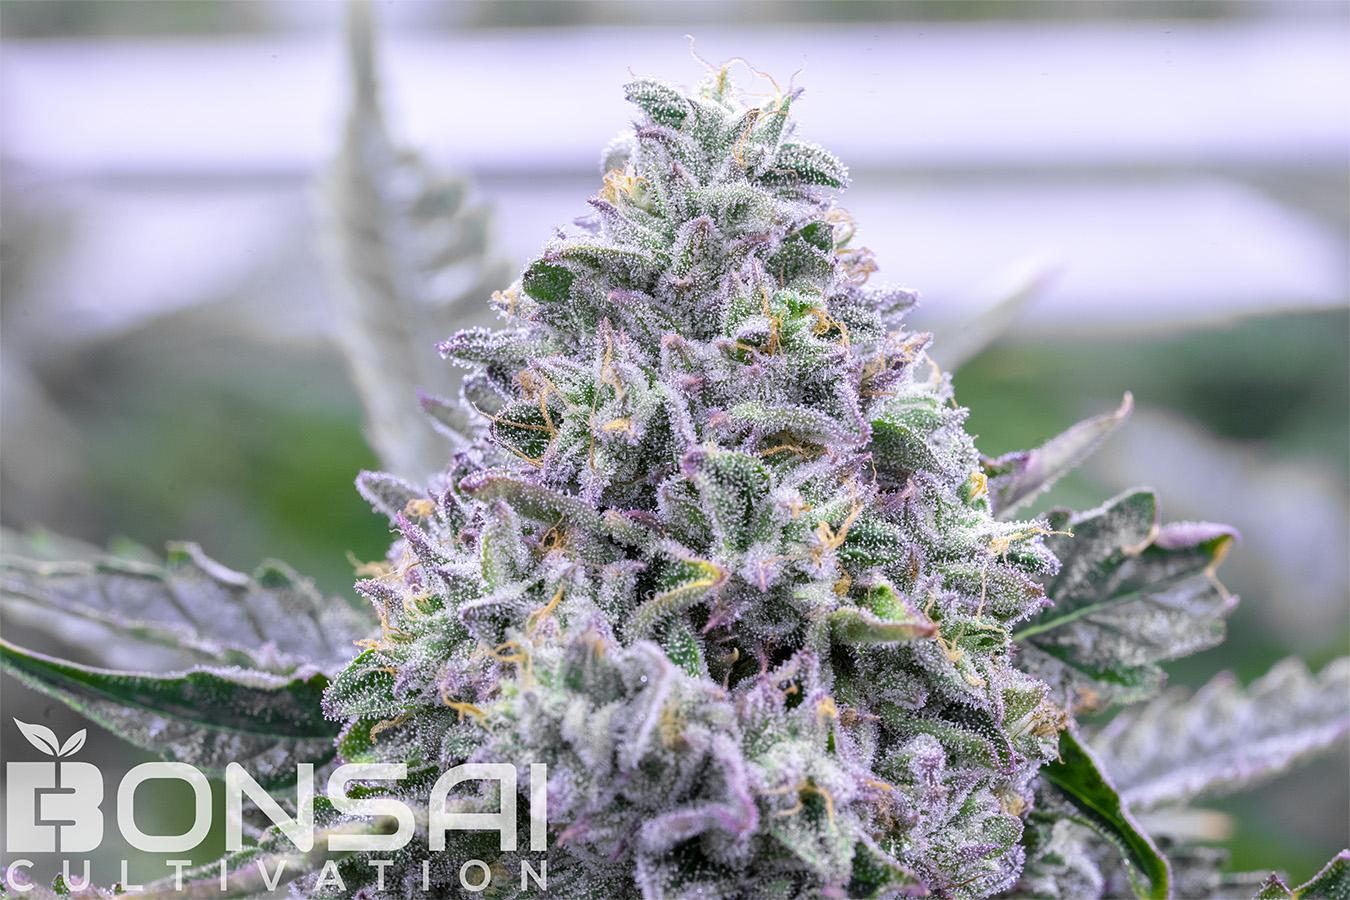 Bonsai Cultivation | Cannabis Strains | Gelato Cake